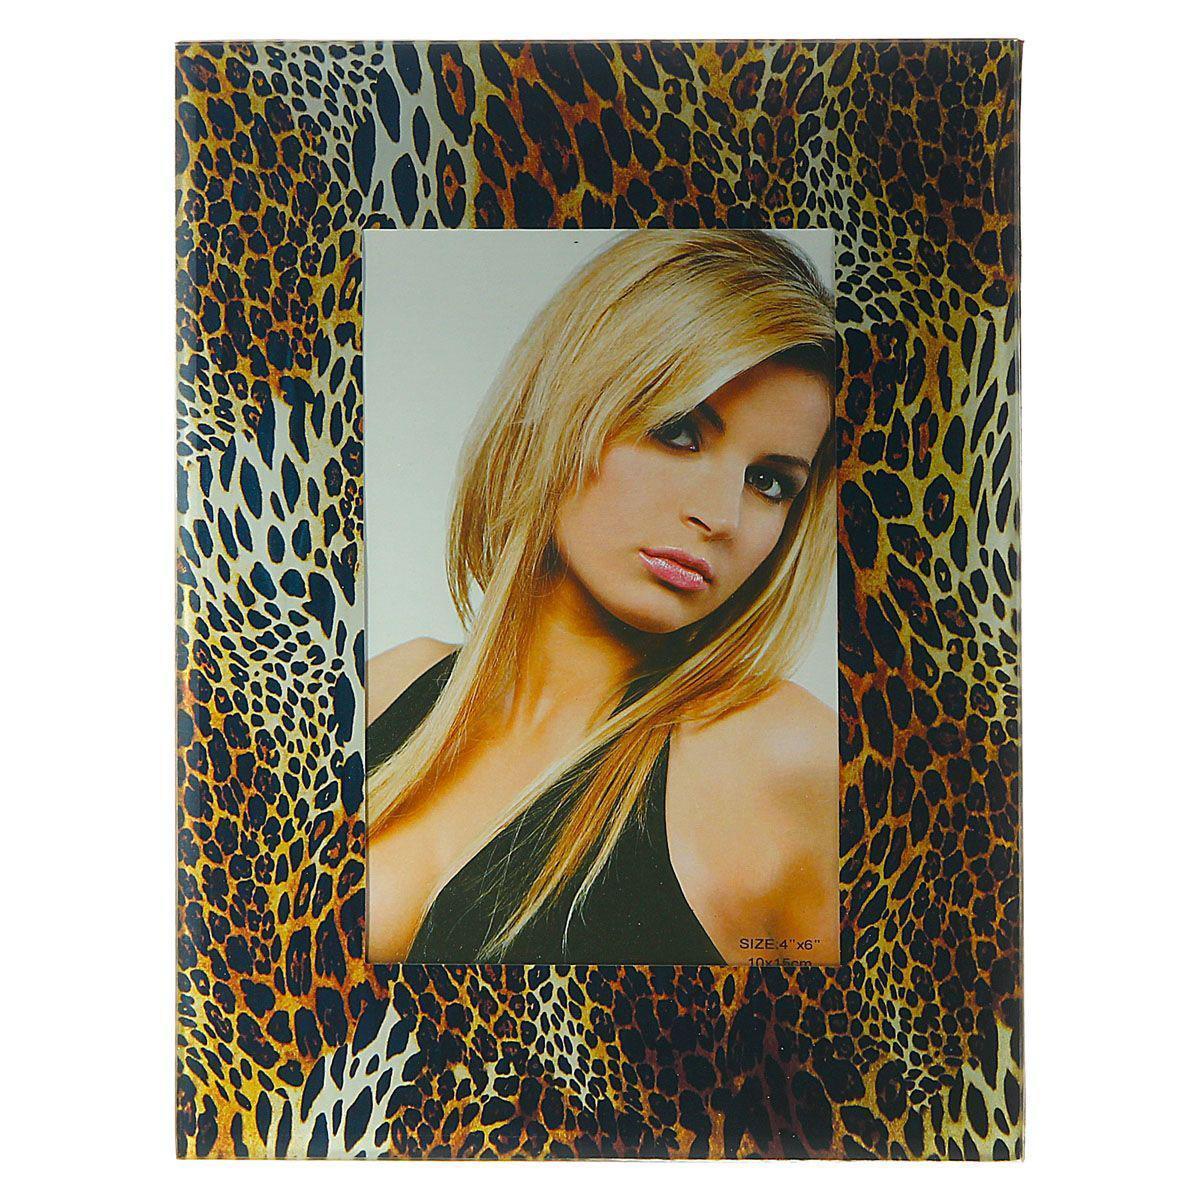 Фоторамка Sima-land Леопард, цвет: черный, коричневый, 10 см х 15 см803948Декоративная фоторамка Sima-land Леопард выполнена из стекла и декорирована леопардовым принтом. Обратная сторона рамки оснащена специальной ножкой, благодаря которой ее можно поставить на стол или любое другое место в доме или офисе. Такая фоторамка украсит ваш интерьер оригинальным образом, а также позволит сохранить память о дорогих вам людях и интересных событиях вашей жизни. С ней вы сможете не просто внести в интерьер своего дома элемент оригинальности, но и создать атмосферу загадочности и изысканности.